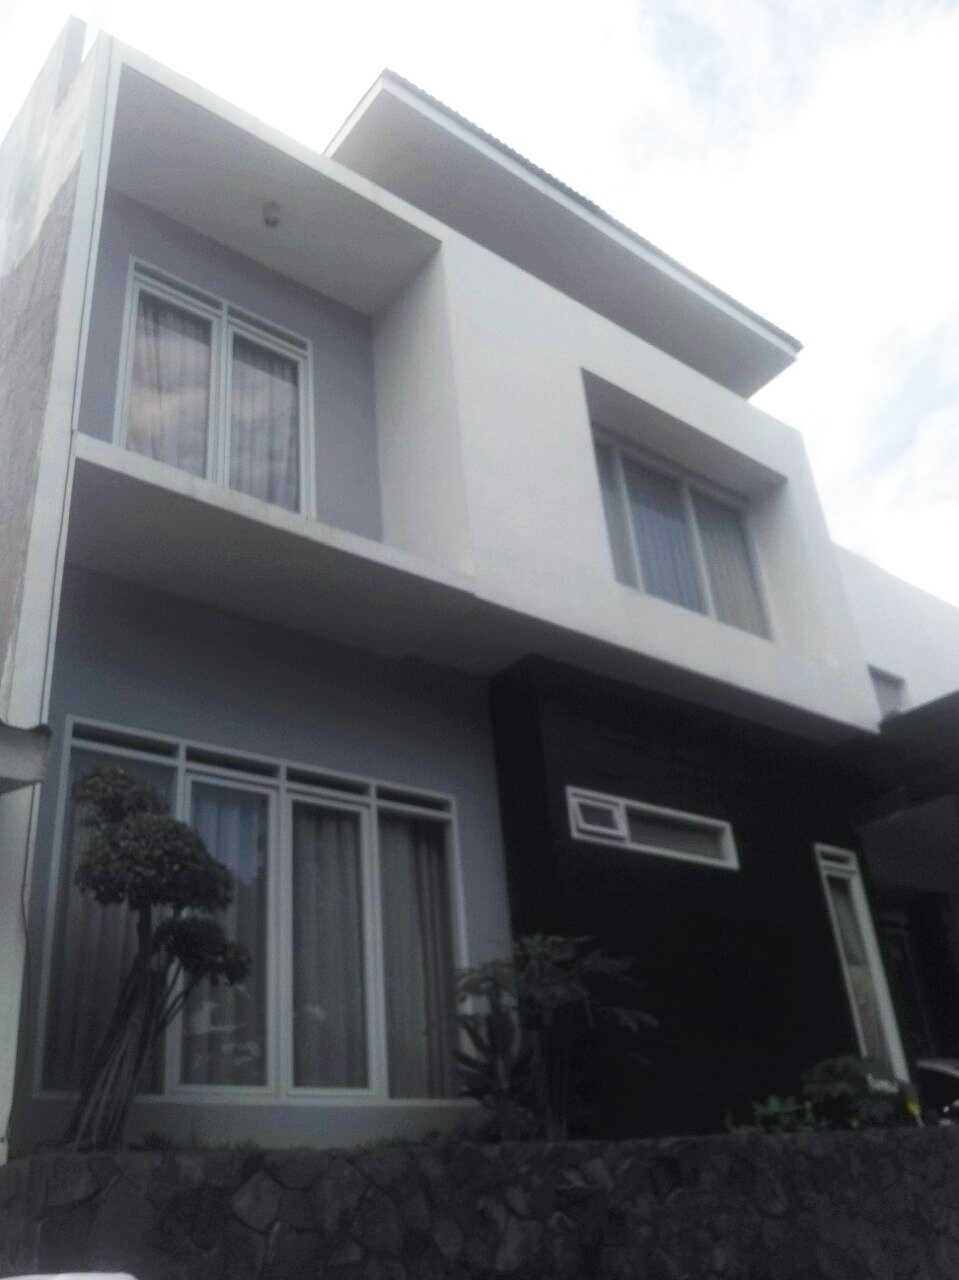 Daun Architect Rumah Tinggal Green Garden View Bandung, Kota Bandung, Jawa Barat, Indonesia Bandung, Kota Bandung, Jawa Barat, Indonesia Daun-Architect-Rumah-Tinggal-Green-Garden-View  64544